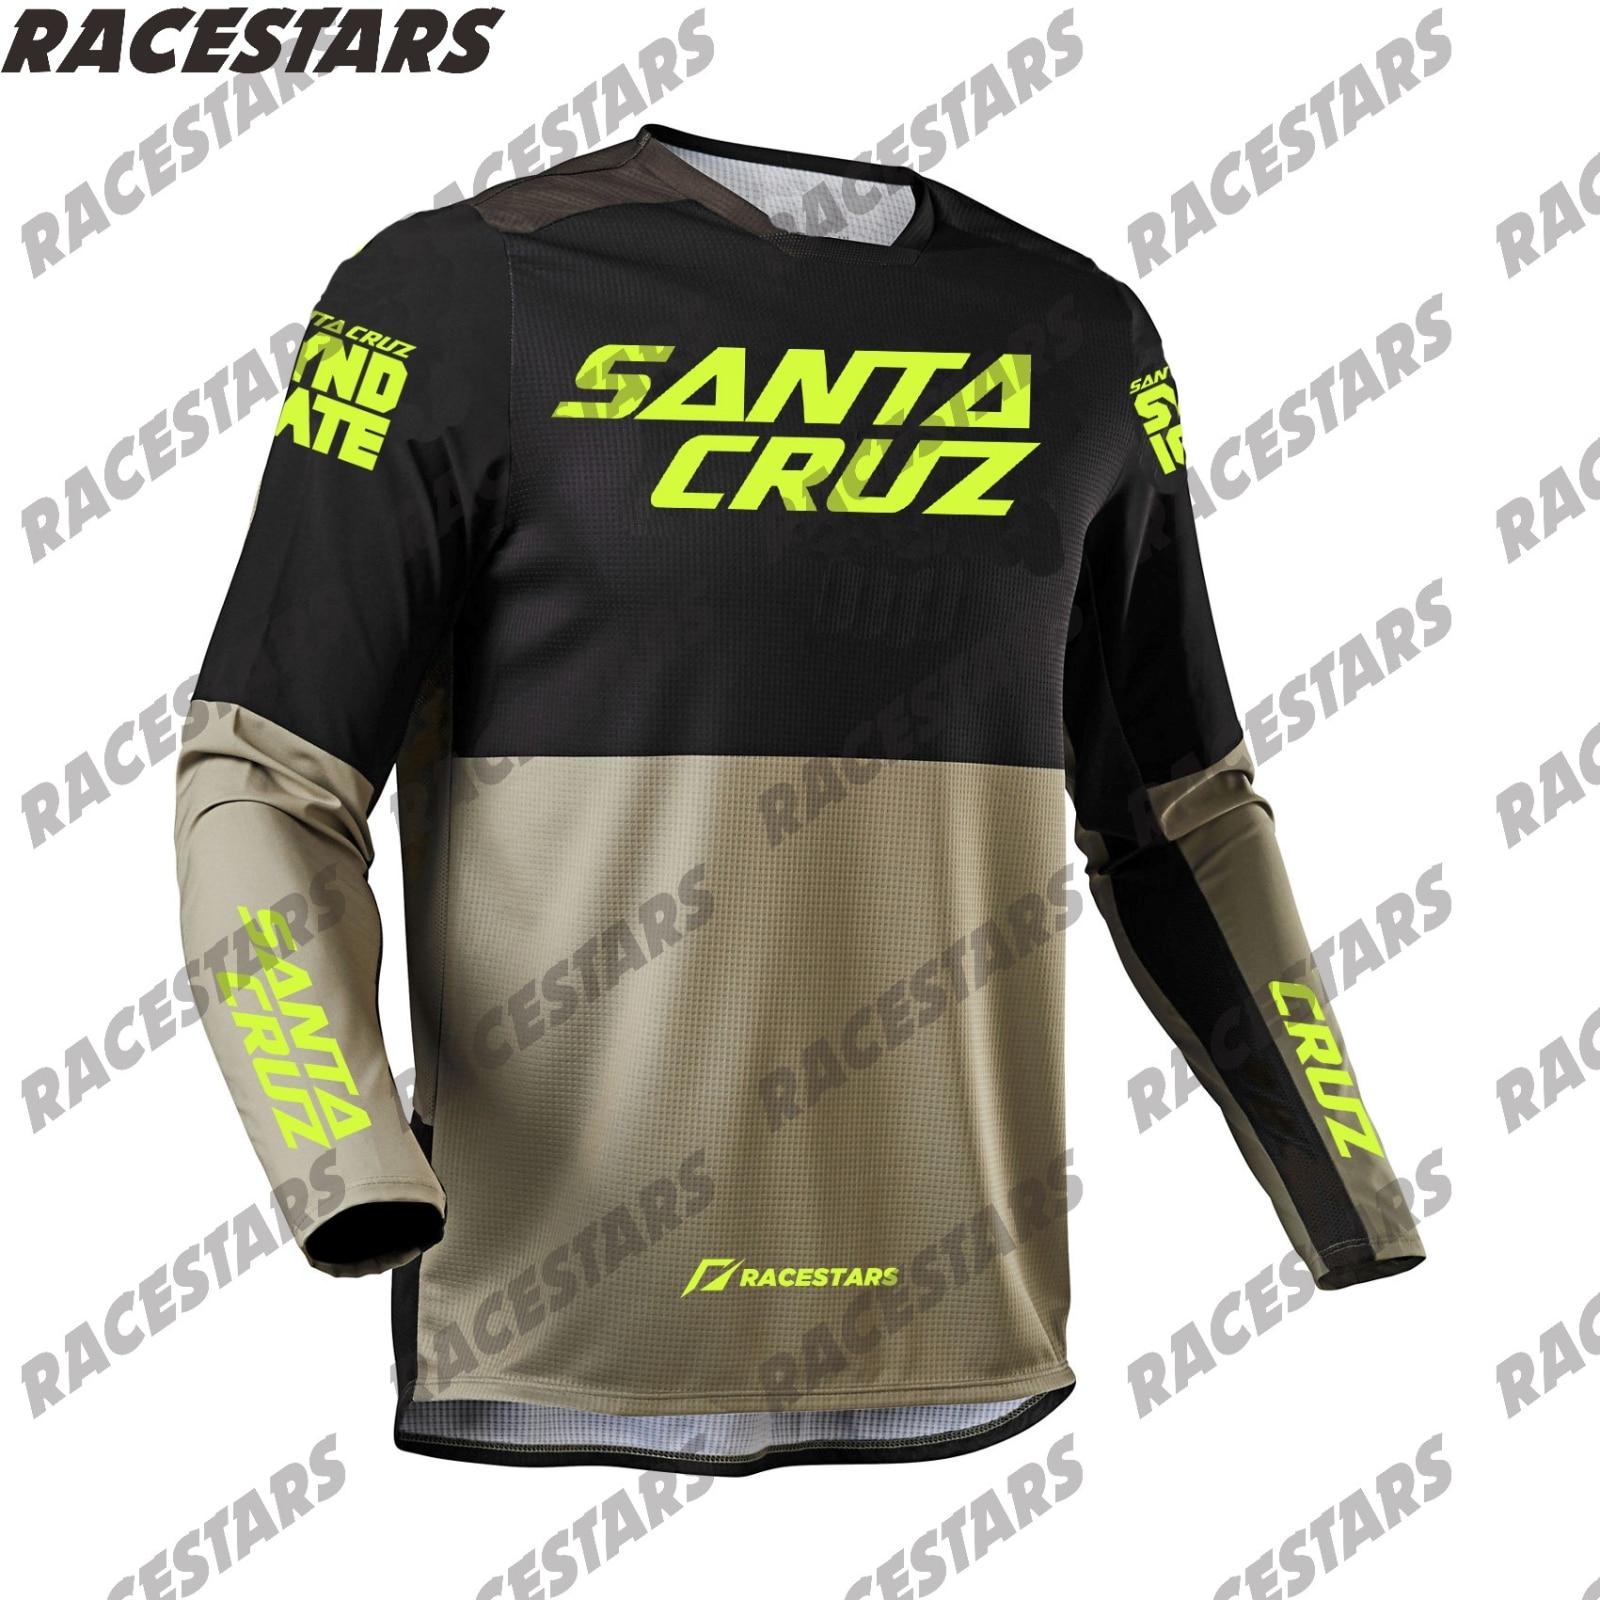 SANTA CRUZ горные Enduro Jeresy мотоцикл мотокроссе MTB MX внедорожный с длинным рукавом Велоспорт Джерси велосипедная футболка BMX ATV